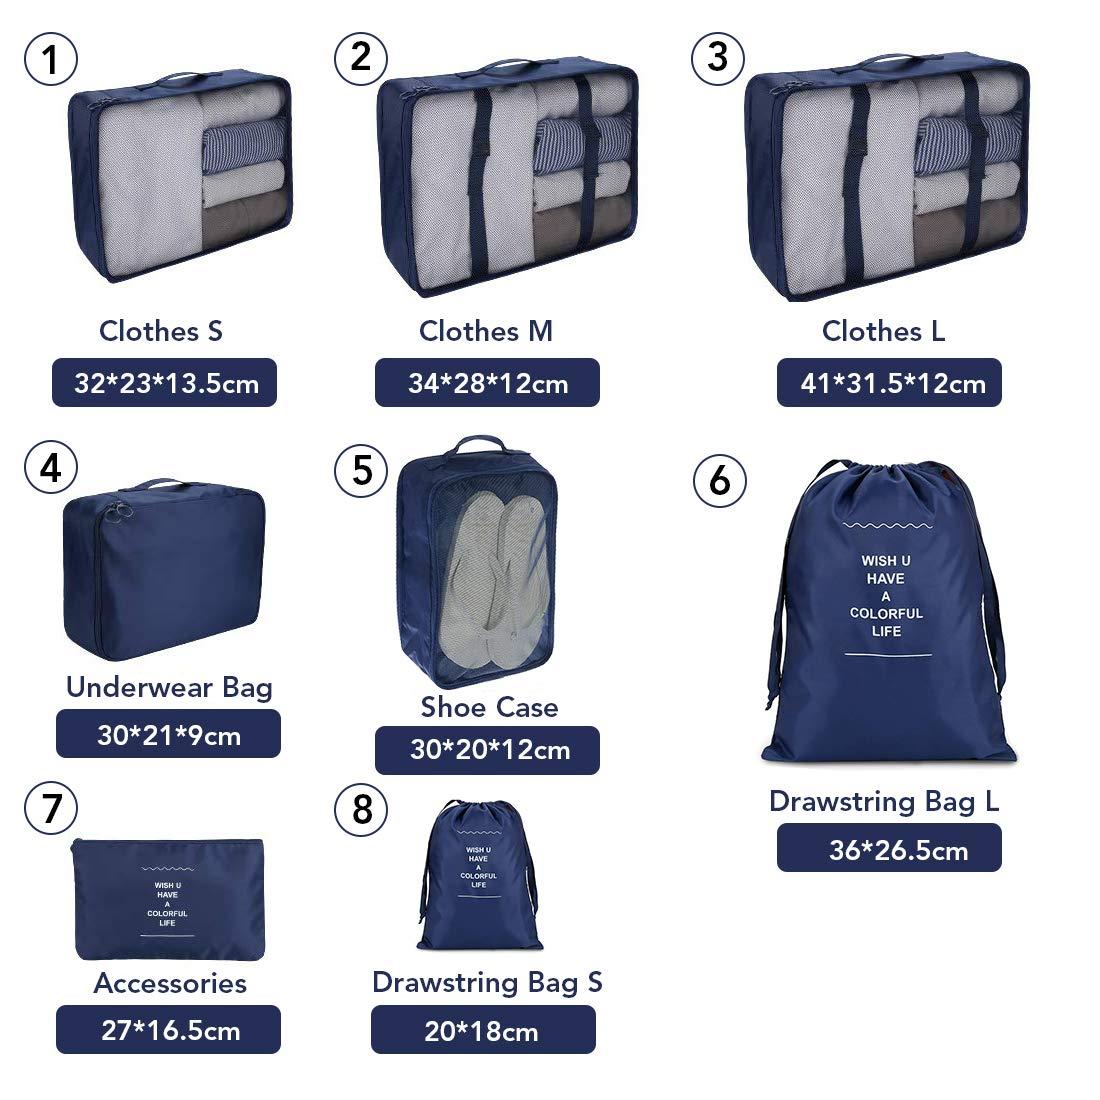 Chaussures et Cosm/étiques 8Pcs Organisateurs demballage Bagage de Voyage Les Sacs dans Valise pour Les V/êtements Bleu Fonc/é Organiseur de Bagage